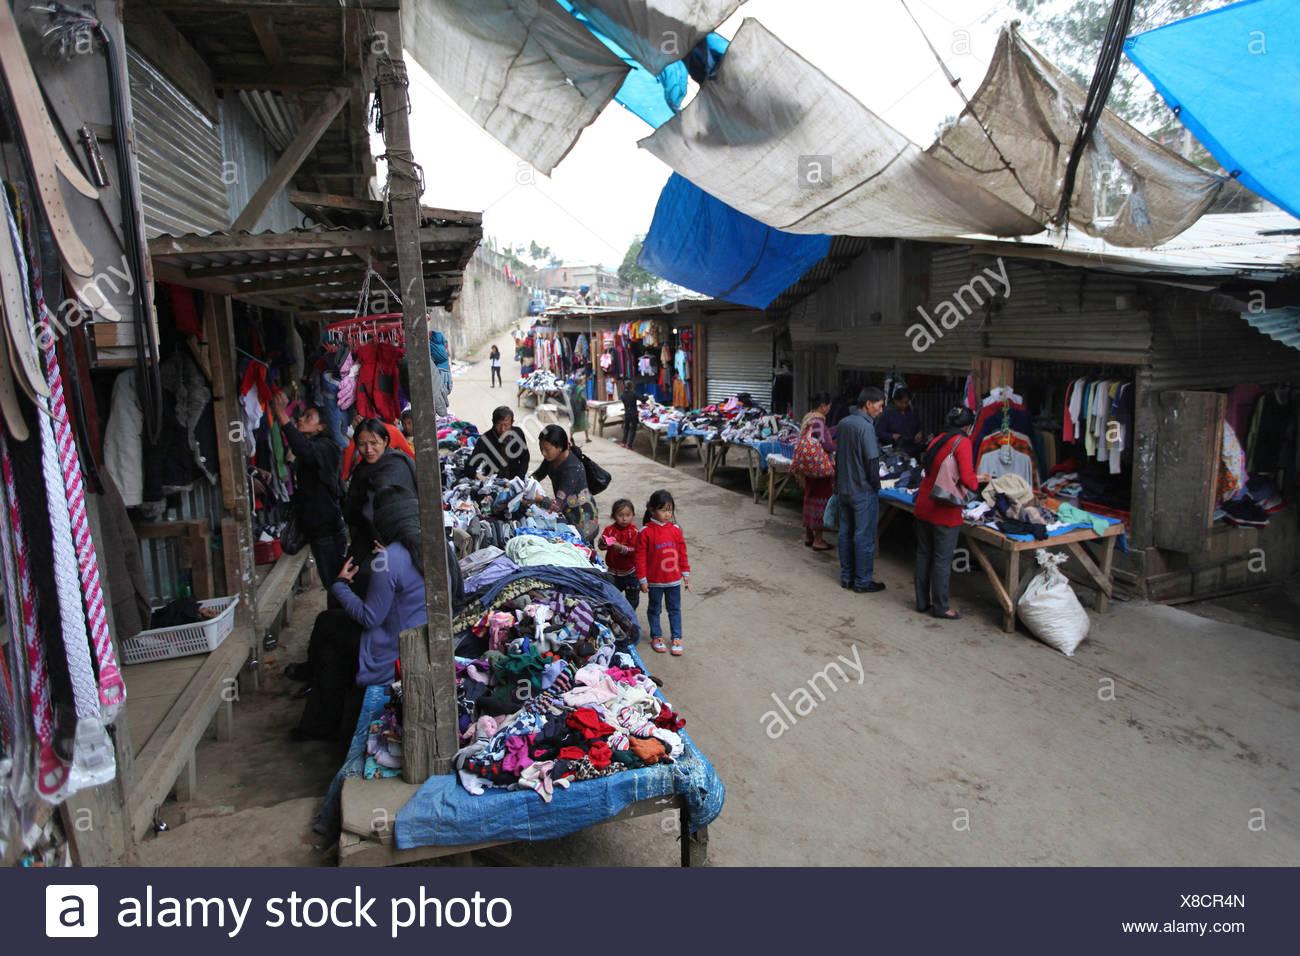 Marché du tissu, Kohima, Nagaland, Inde. Photo Stock